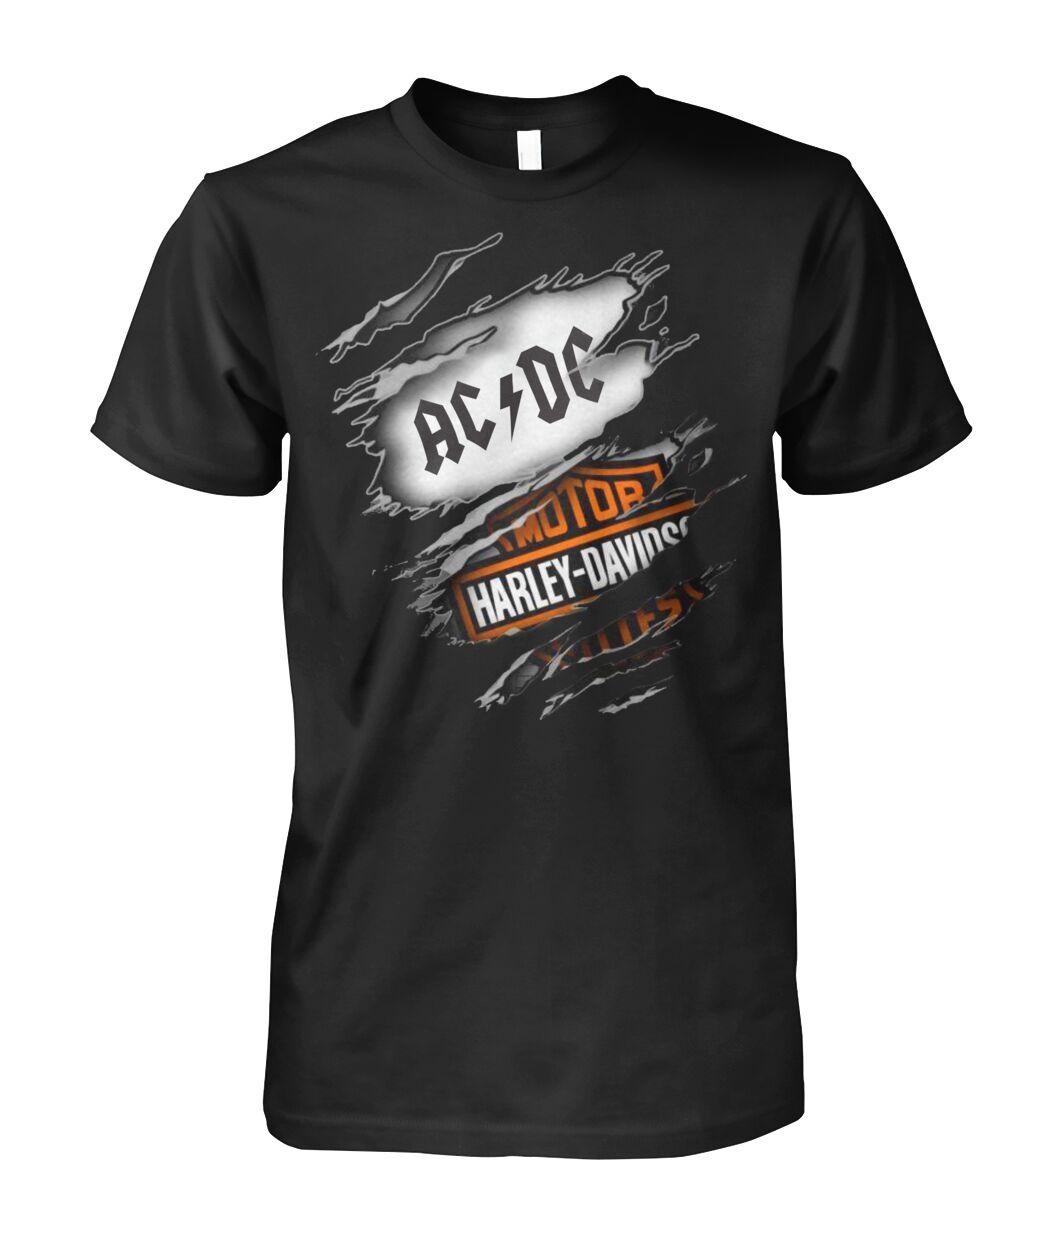 harley-davidson motorcycles and acdc rock band shirt 1